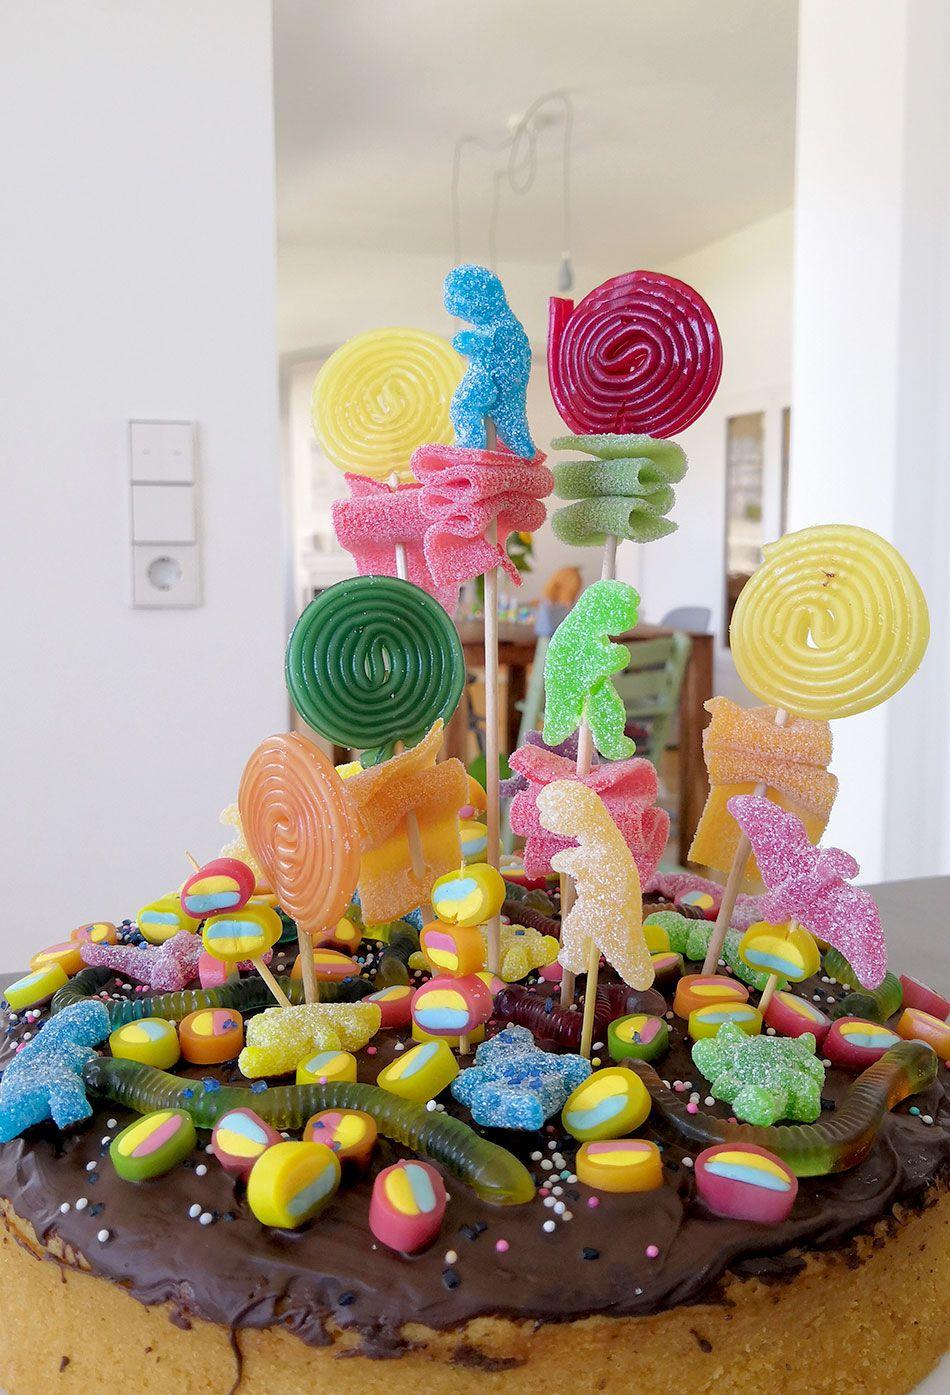 Candy Cake Dino Kindergeburtstag Vegan,Marmorkuchen